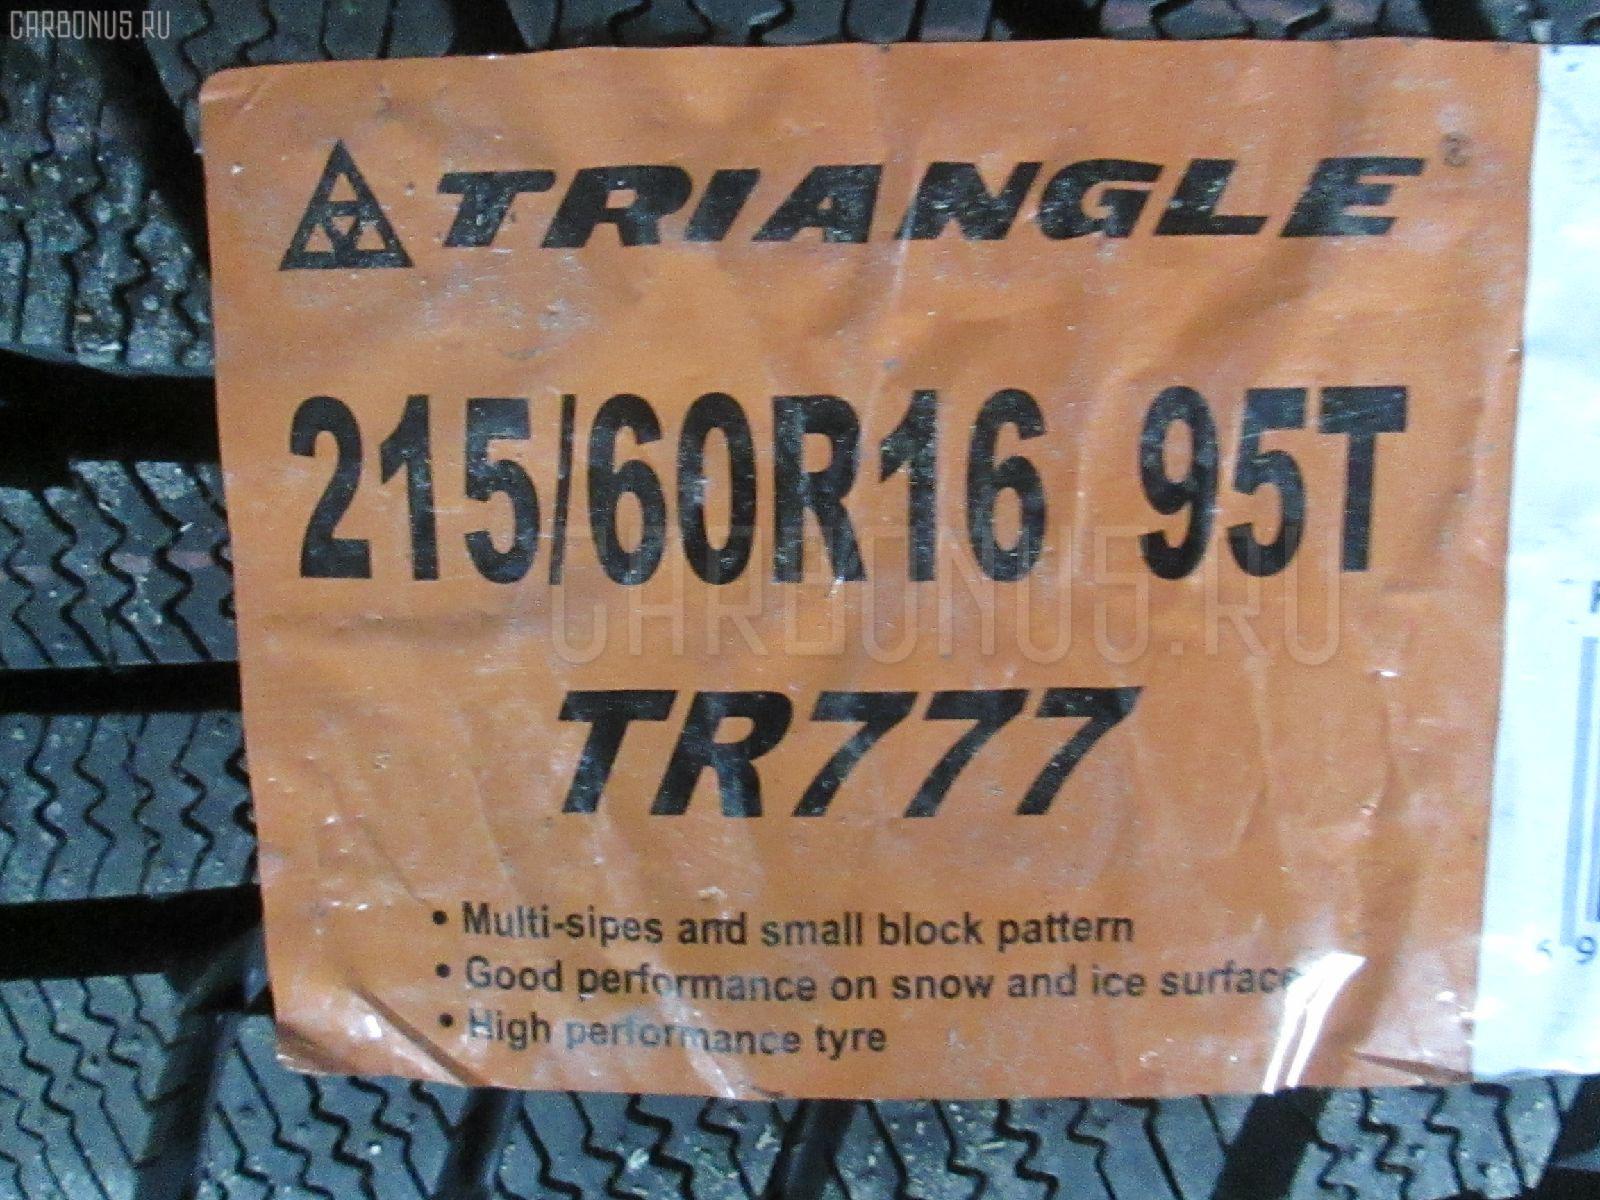 Автошина легковая зимняя TR777 215/60R16. Фото 4